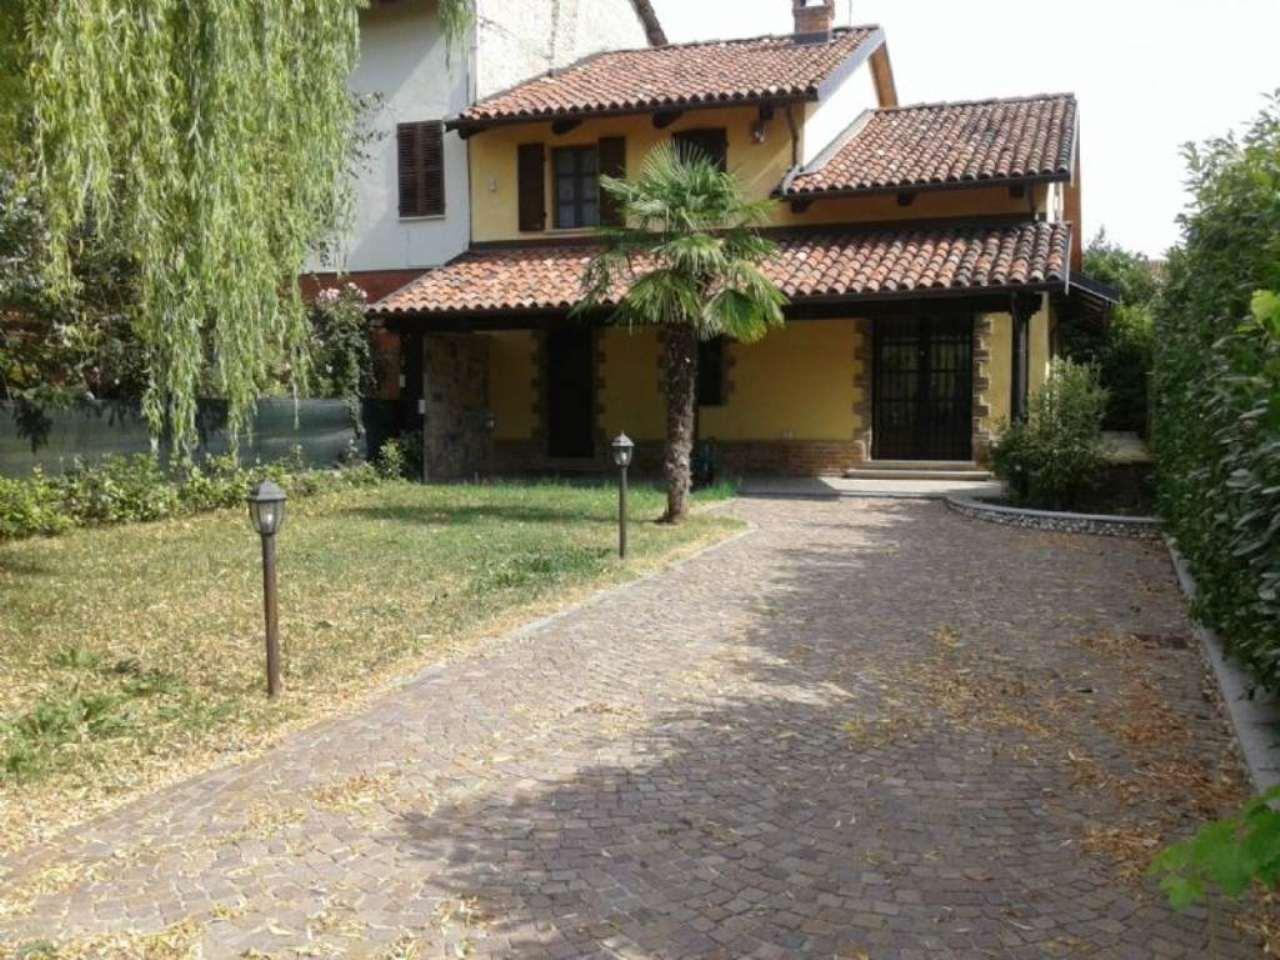 Soluzione Indipendente in vendita a Villanova d'Asti, 10 locali, prezzo € 225.000 | Cambio Casa.it